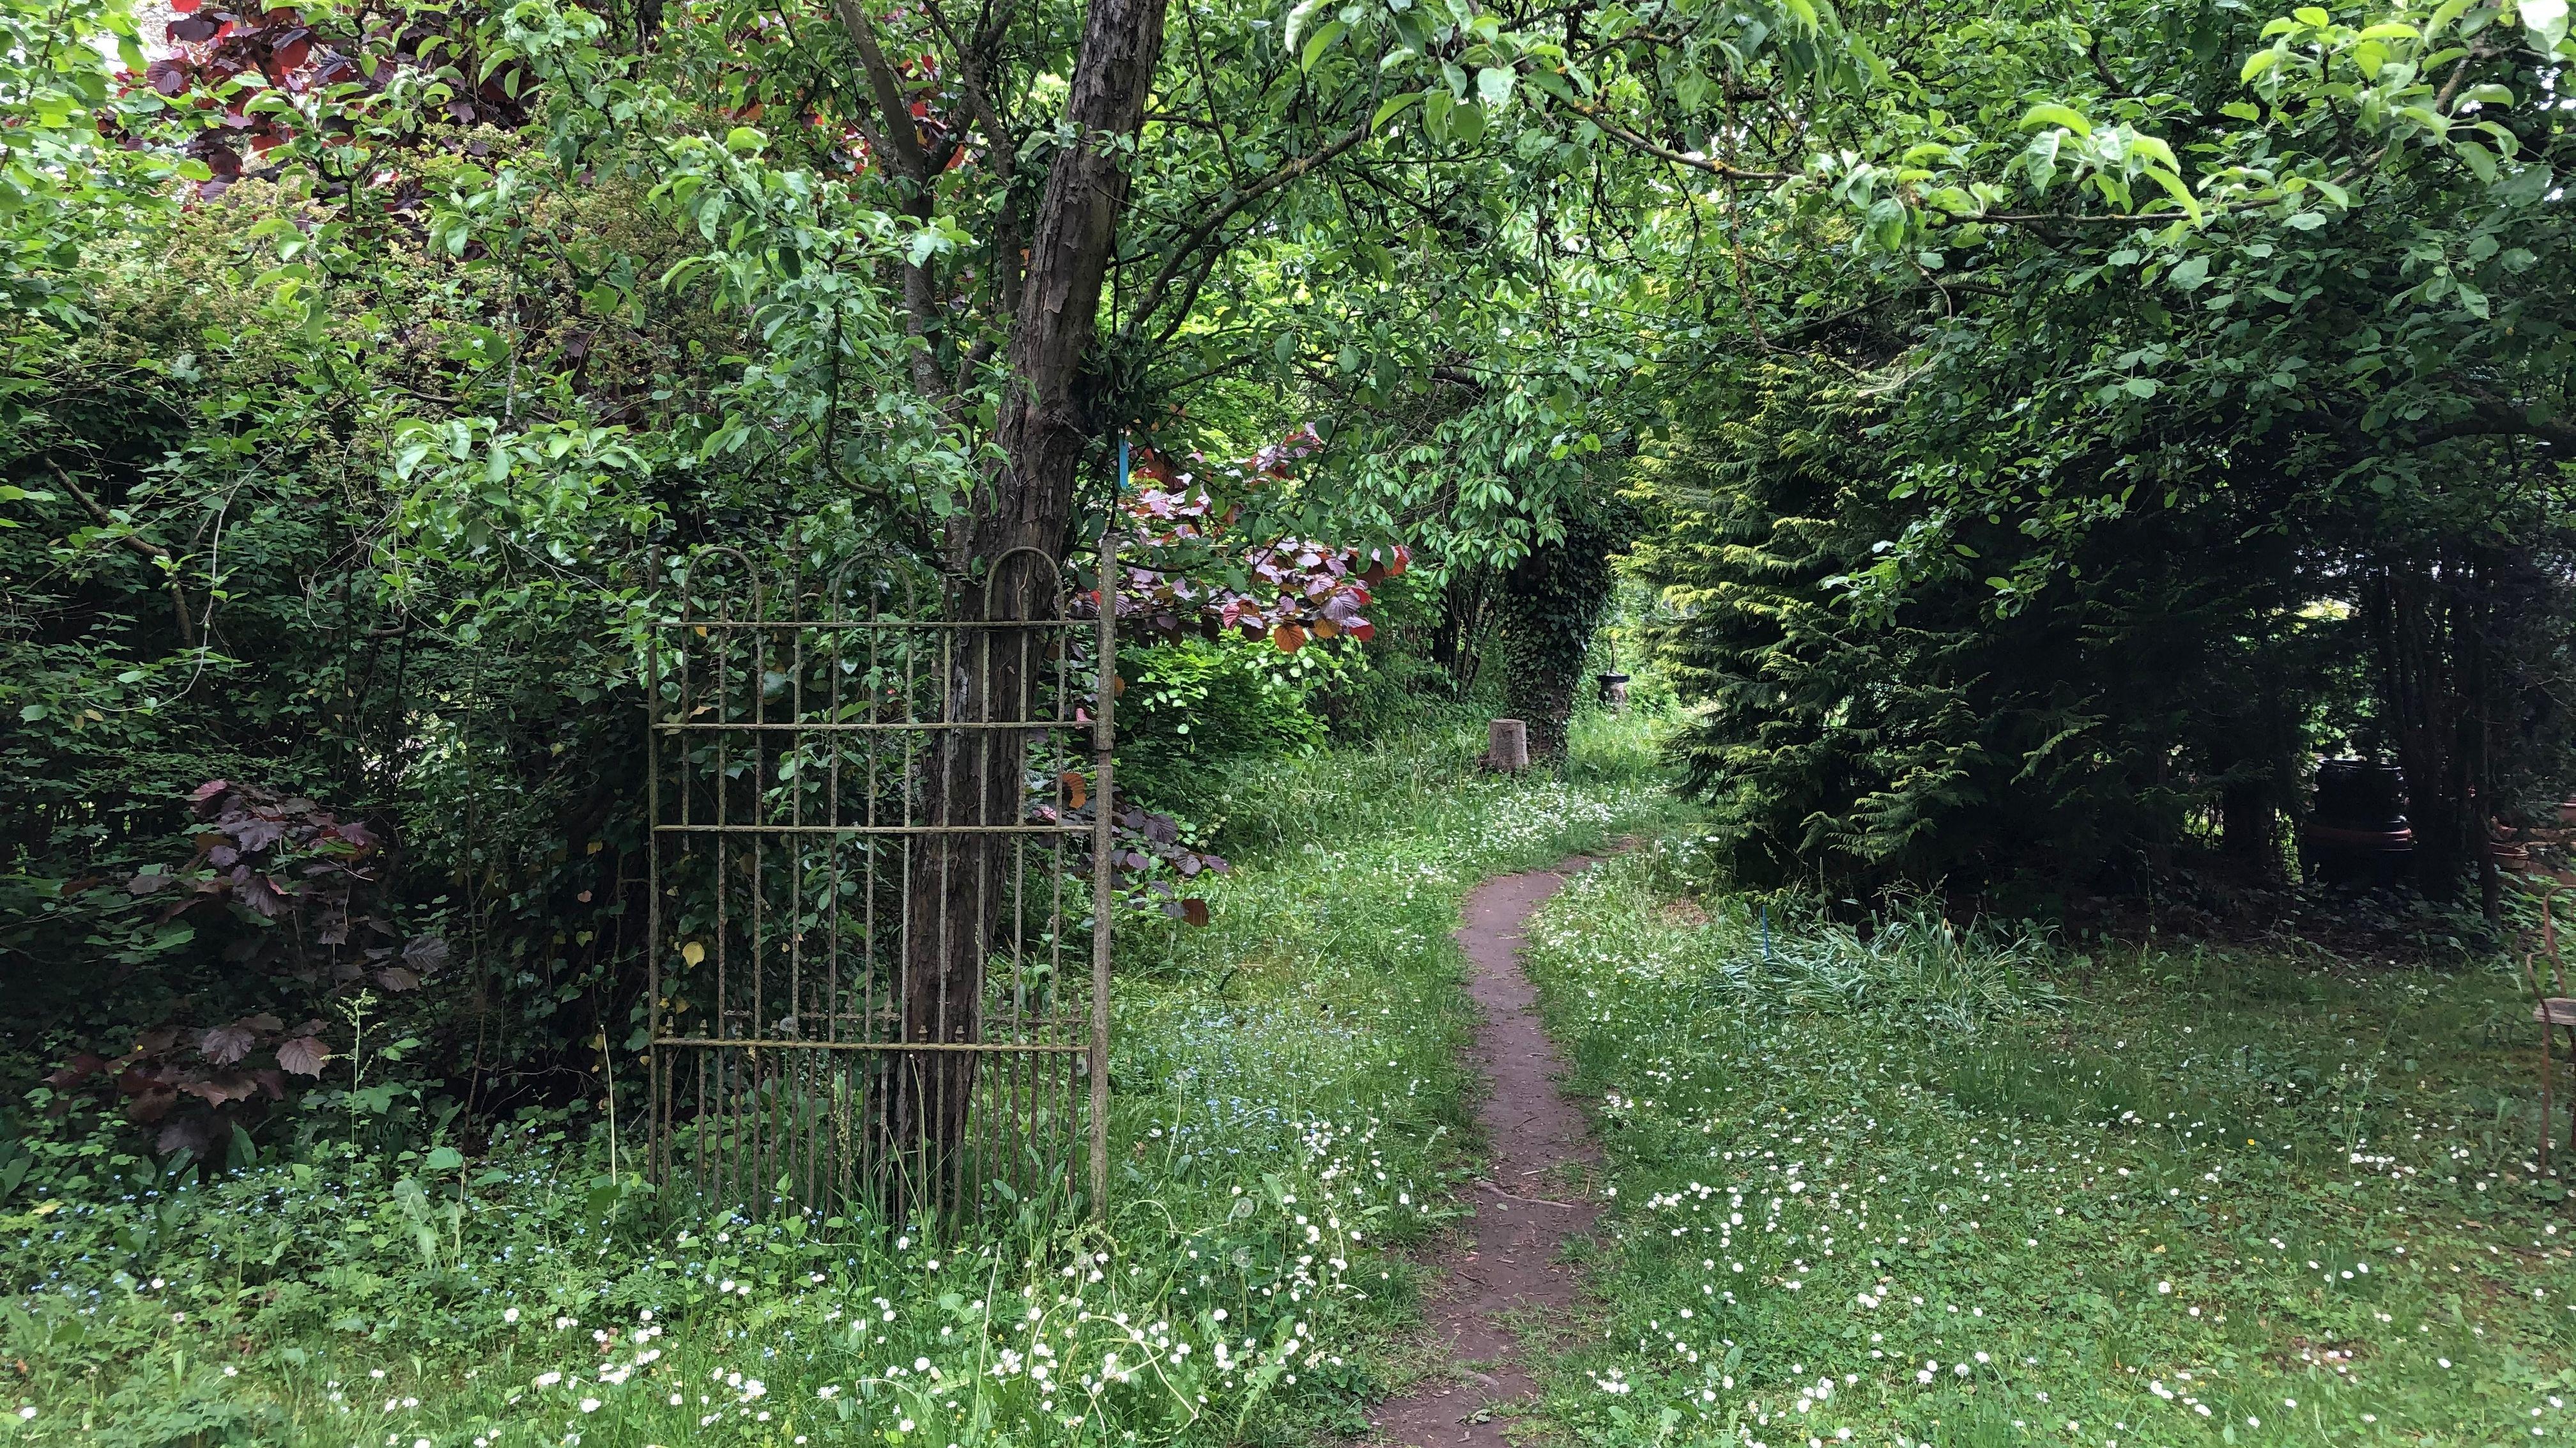 Verwunschene Wege im naturnahen Garten